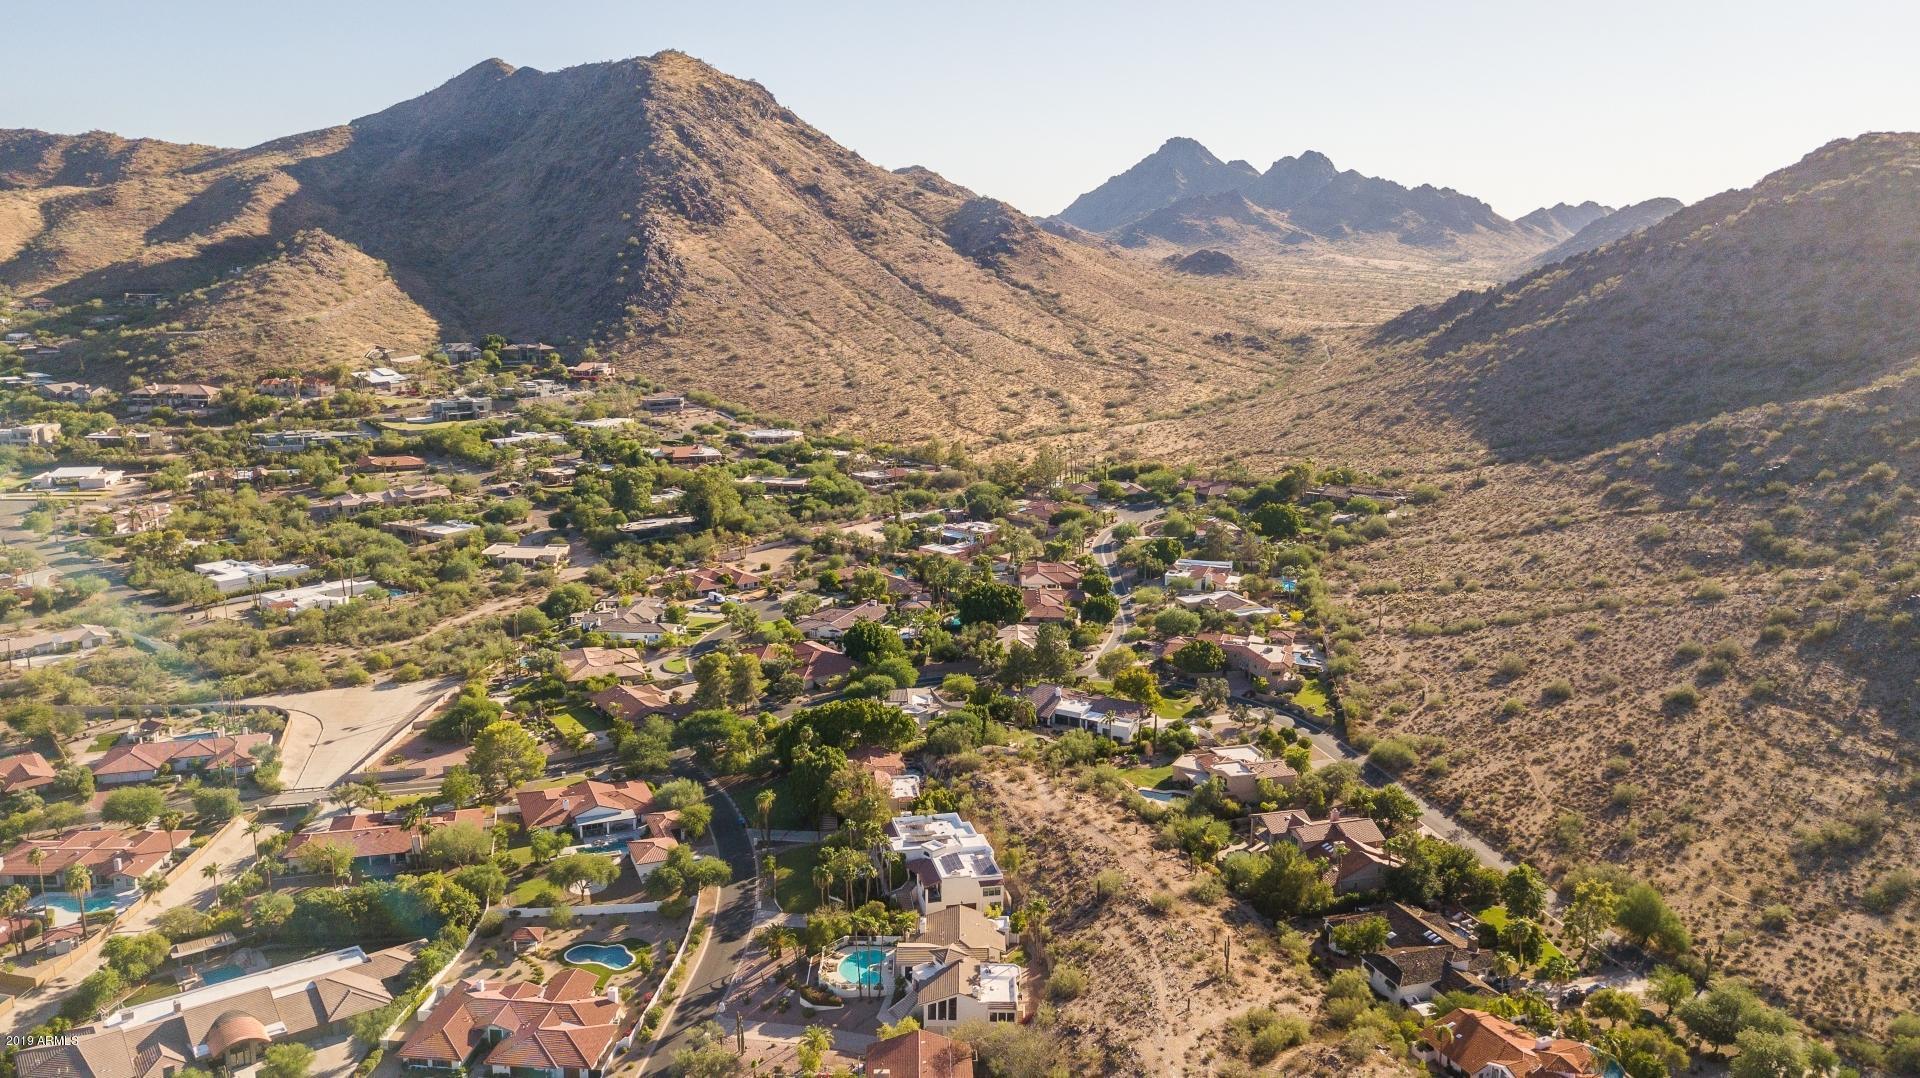 MLS 5968637 4528 E VIA LOS CABALLOS --, Phoenix, AZ 85028 Phoenix AZ Gated